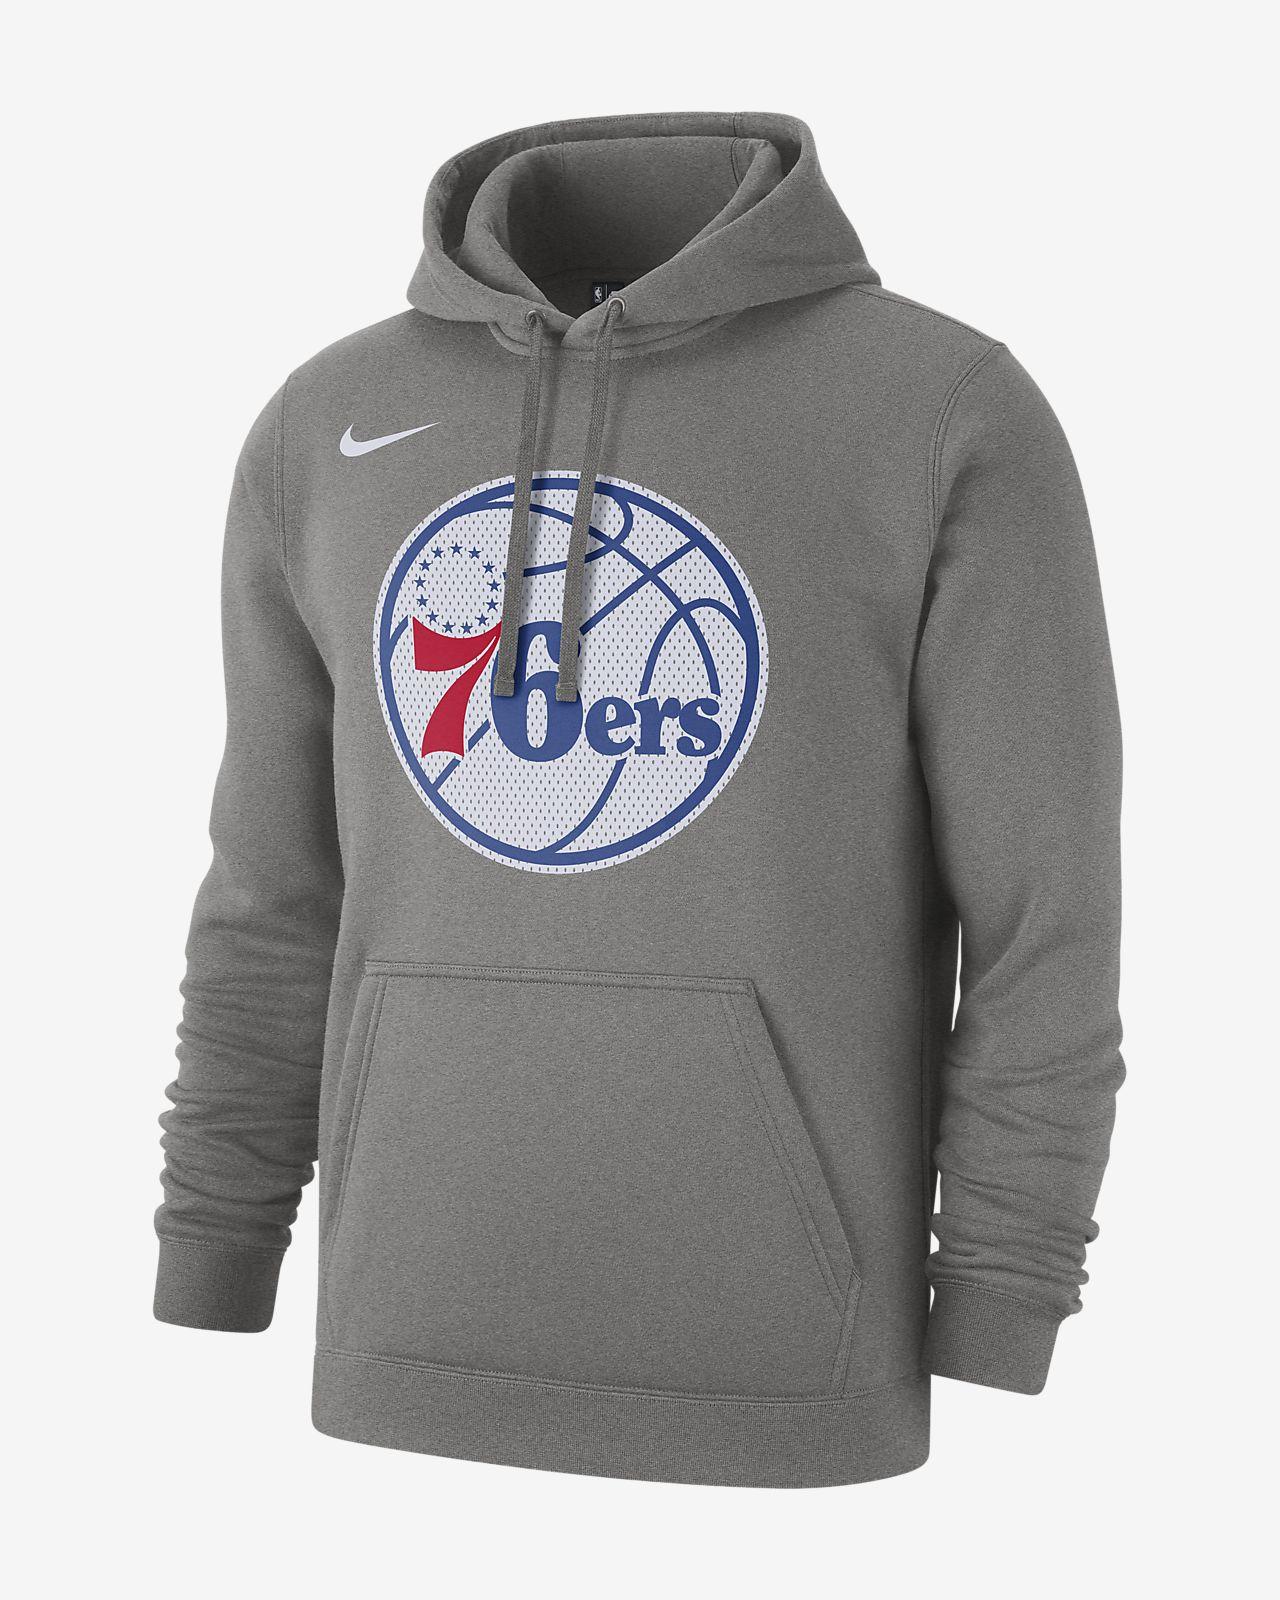 Pánská mikina NBA Philadelphia 76ers Nike s kapucí